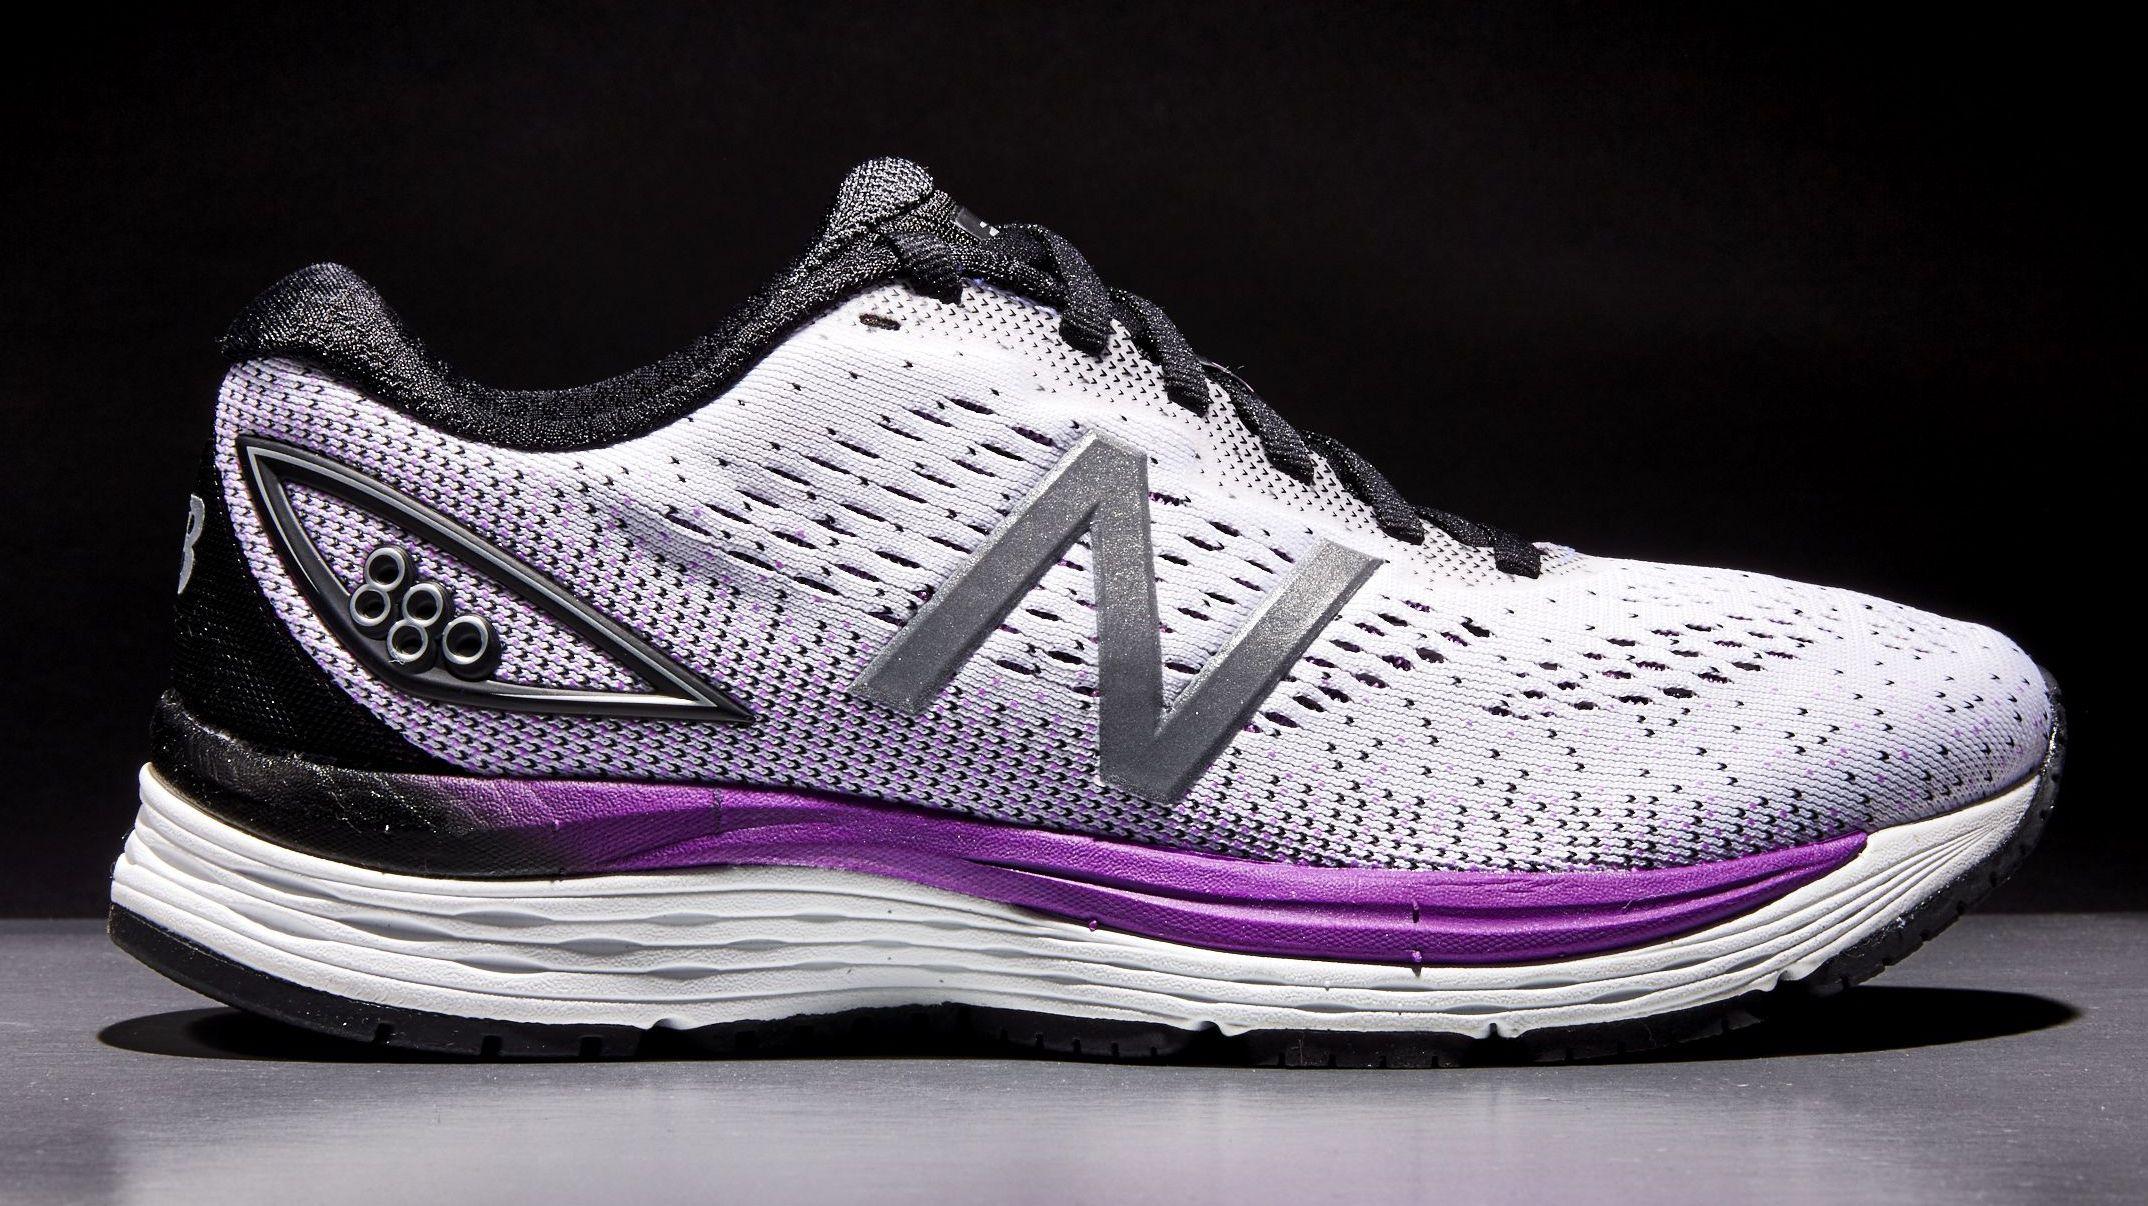 7c067d57cfc95 Best New Balance Running Shoes | New Balance Shoe Reviews 2019